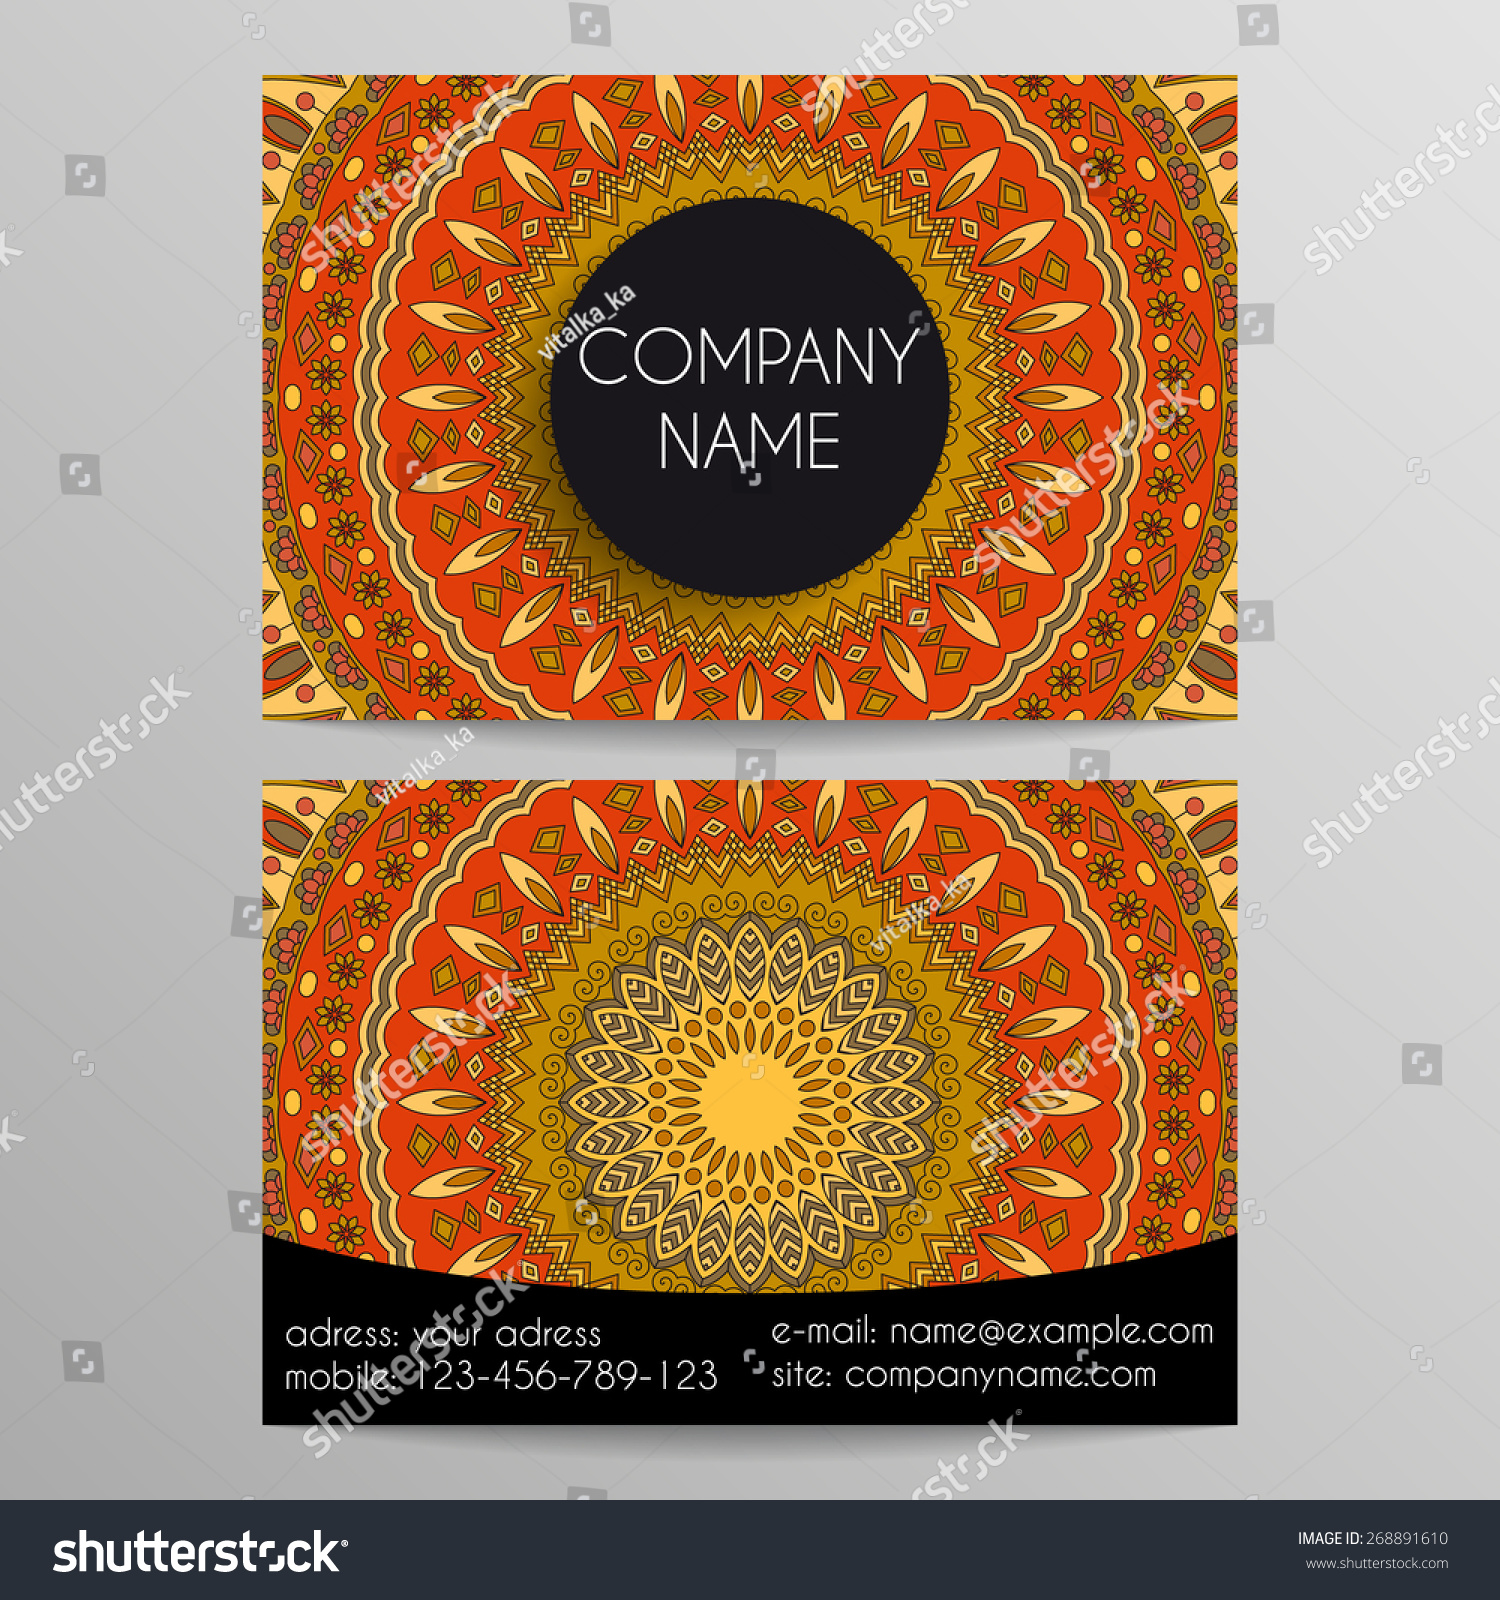 Business Card Patterns Stock Vector 268891610 - Shutterstock